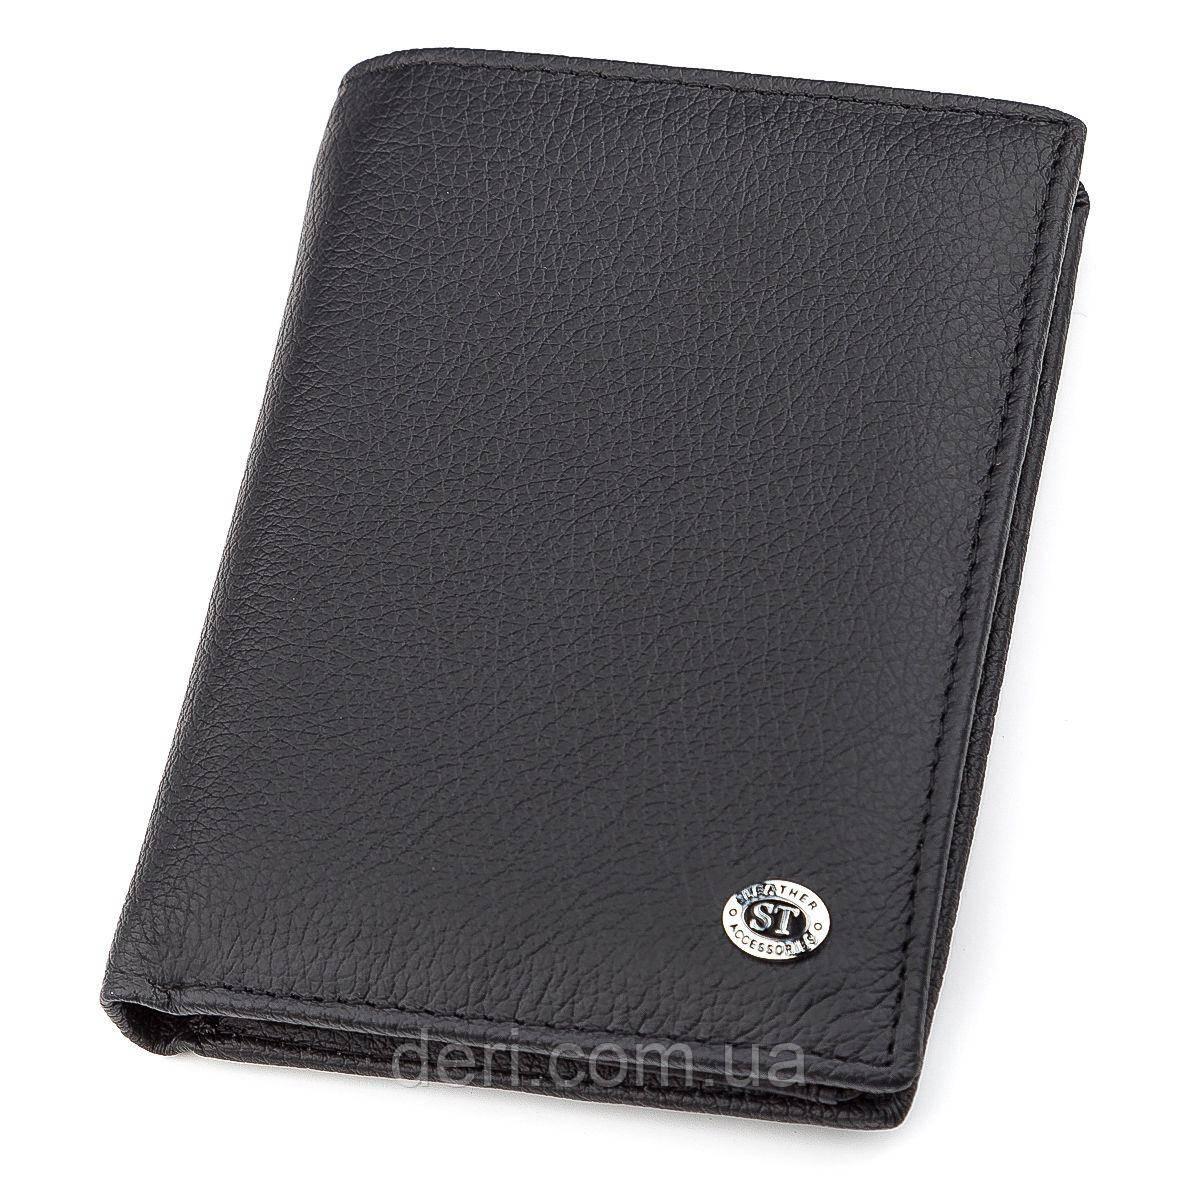 Мужской бумажник, Черный